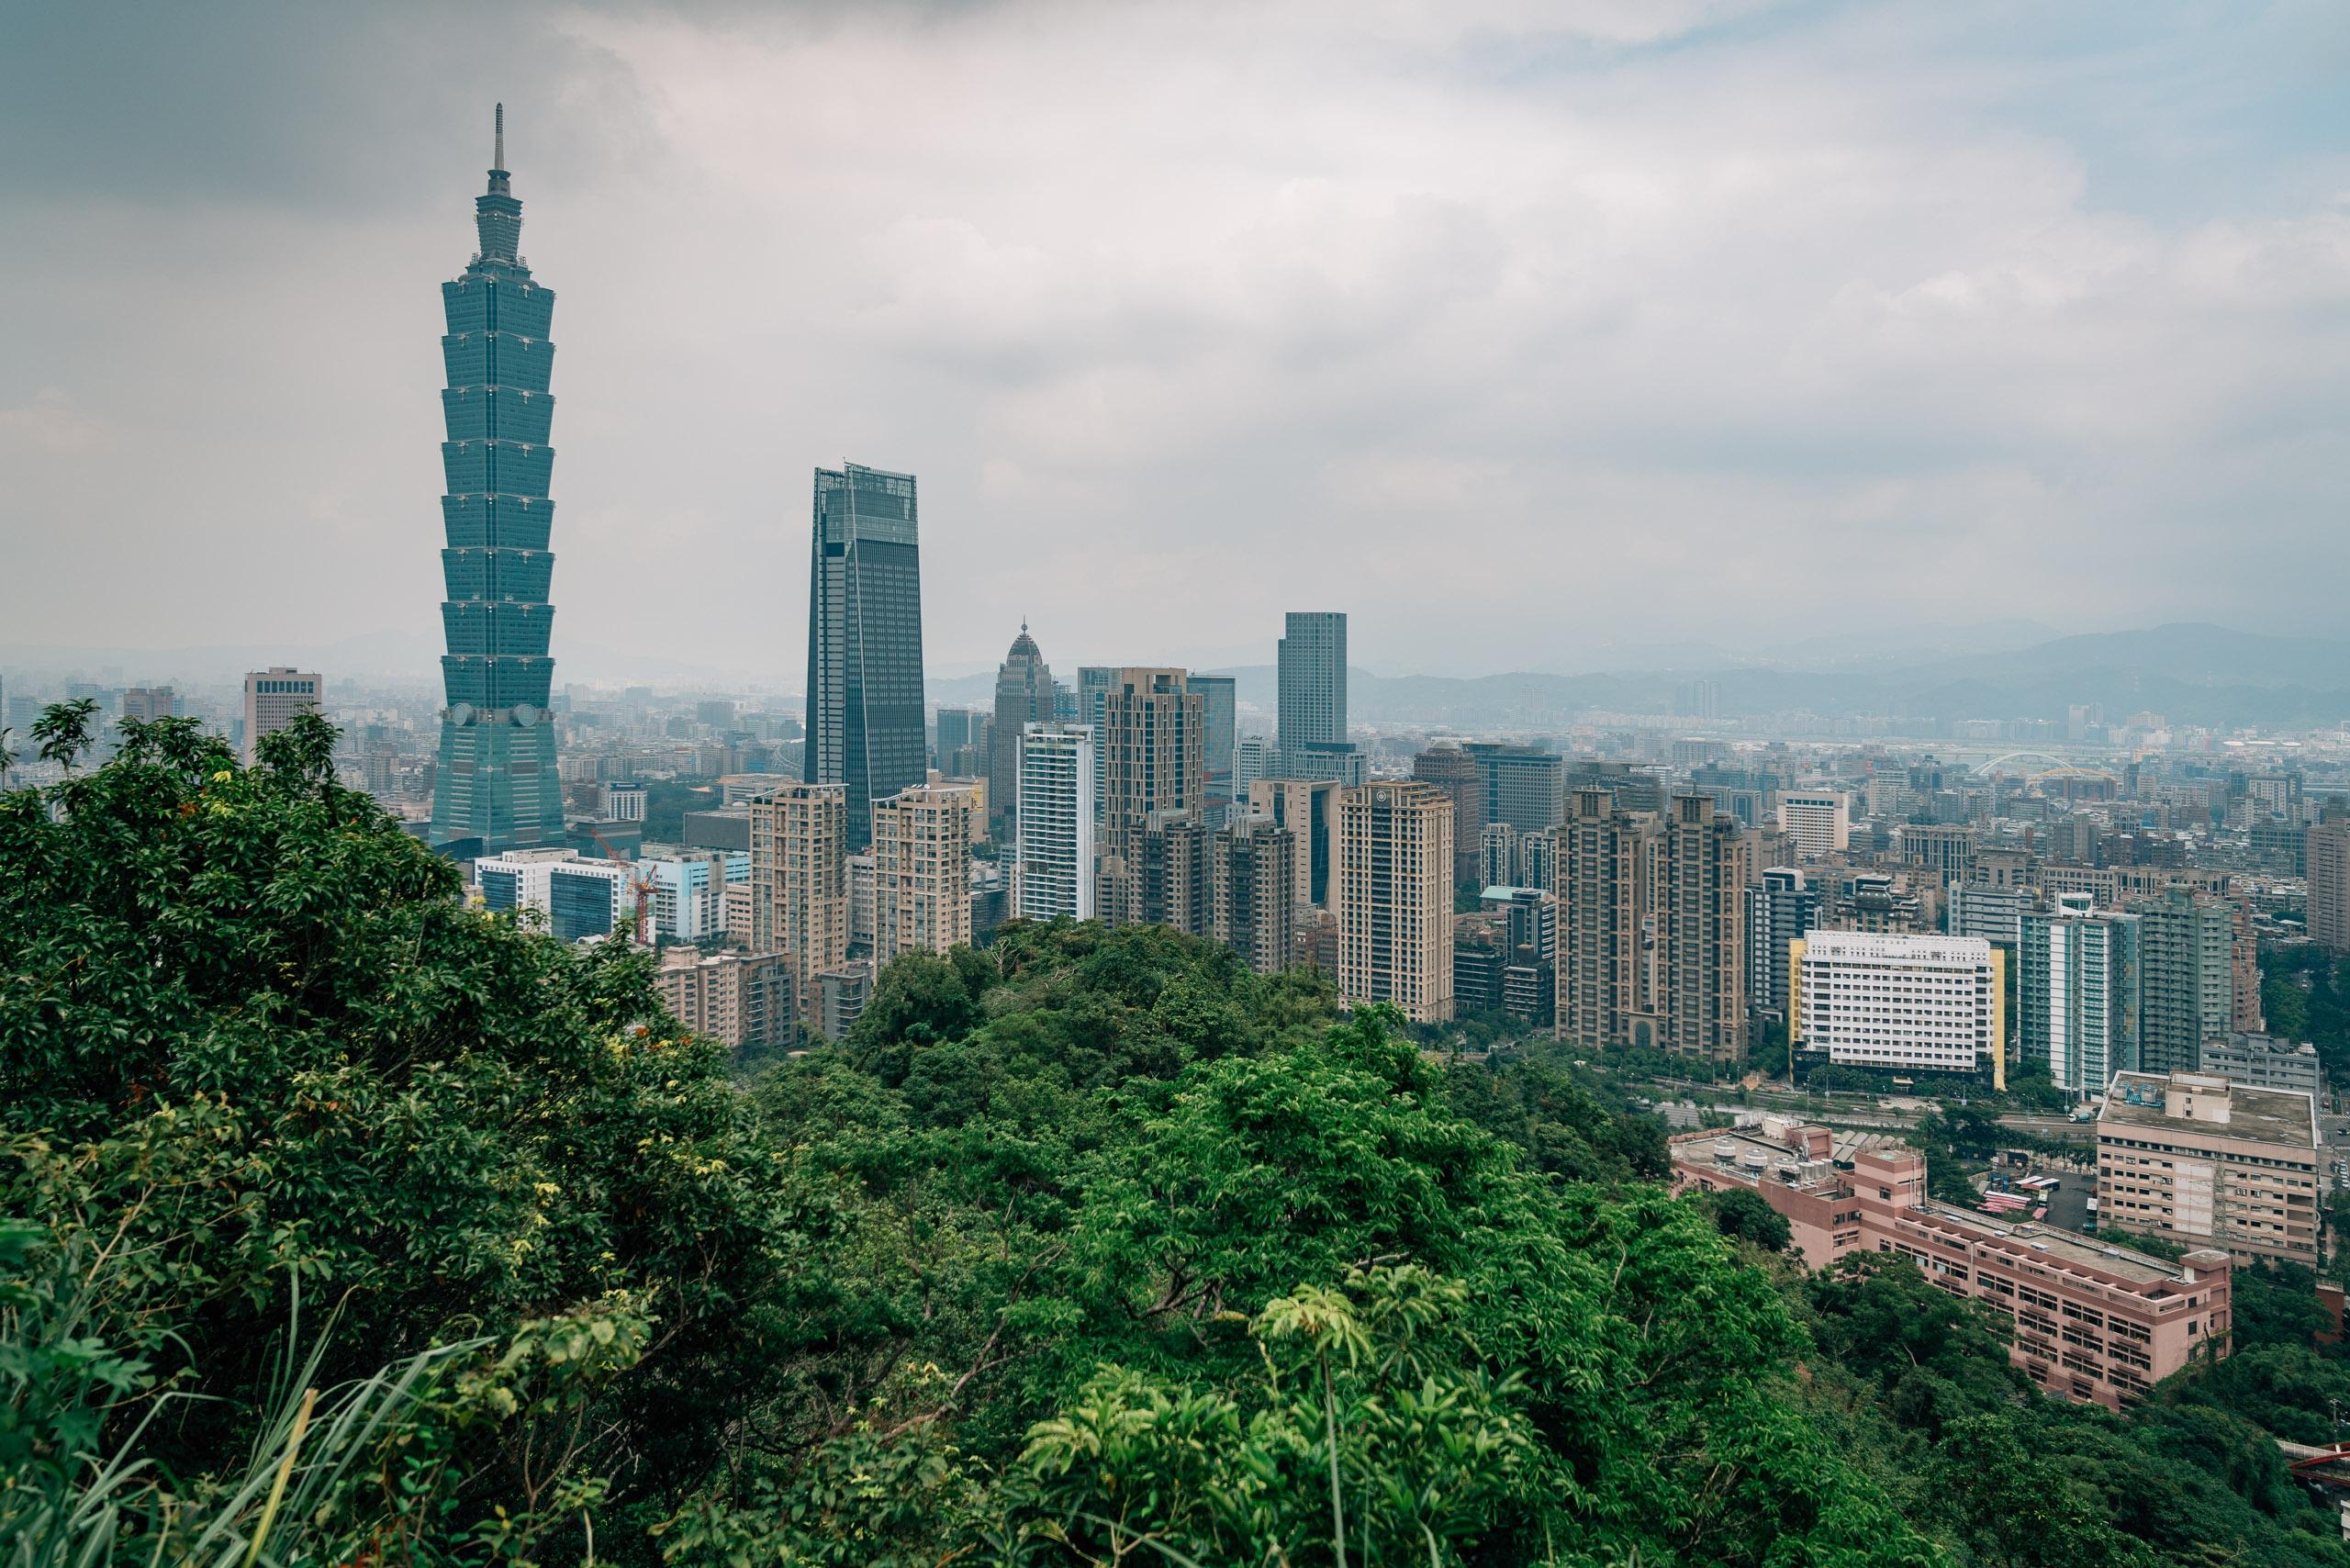 Overlooking Taipei 101